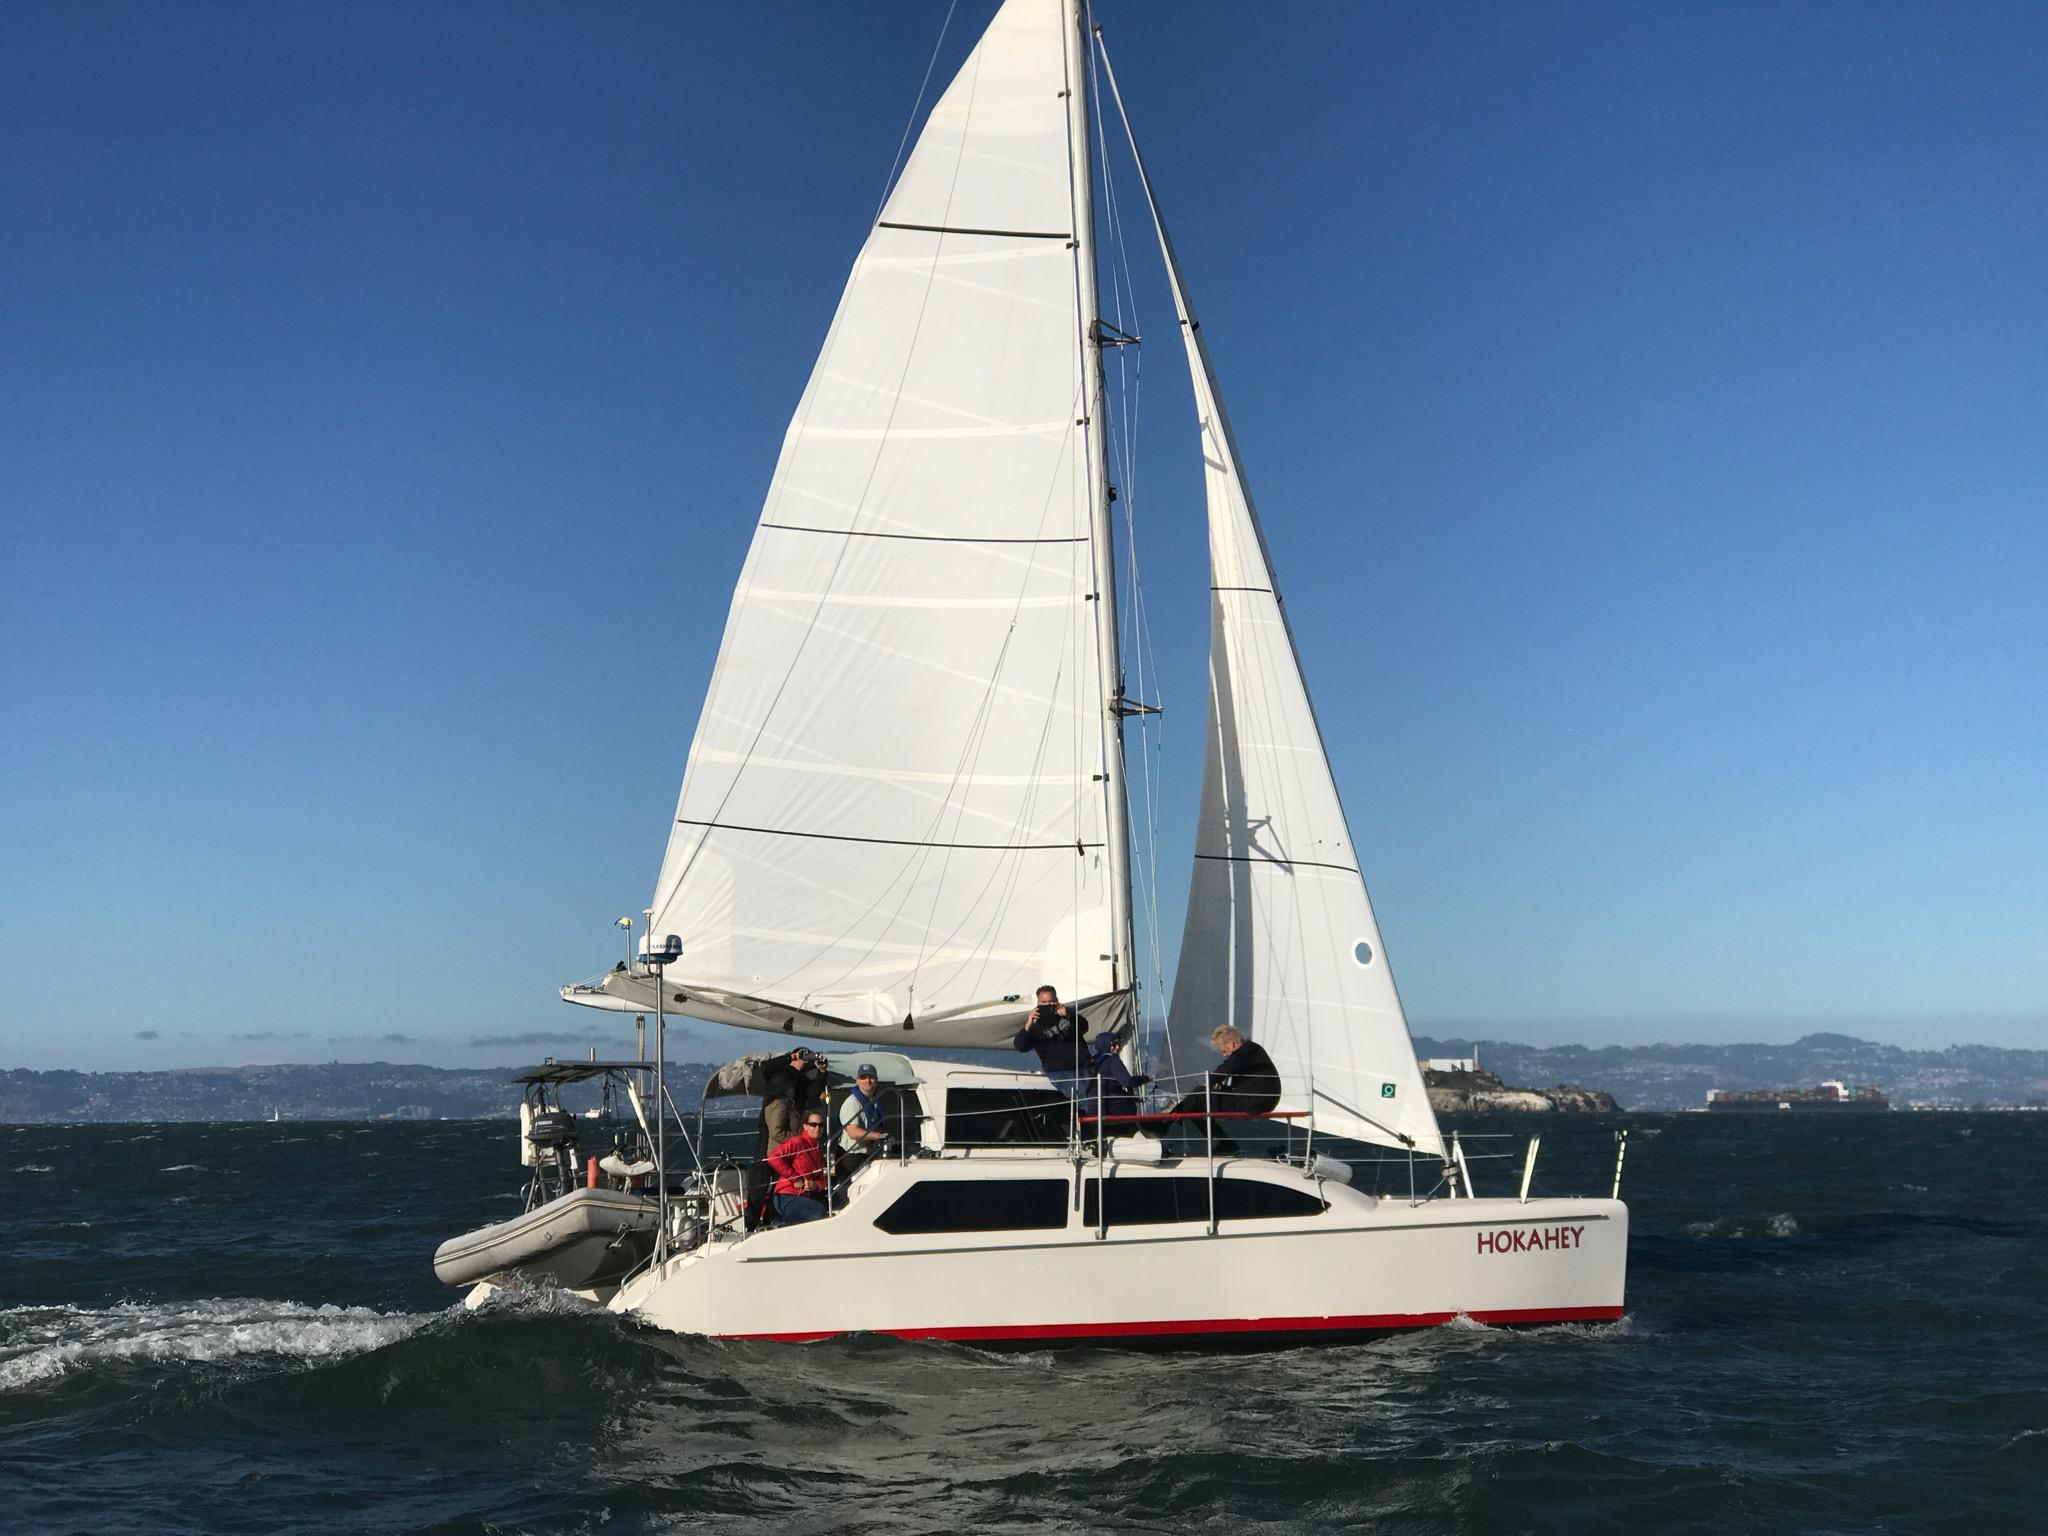 Hokahey Catamaran